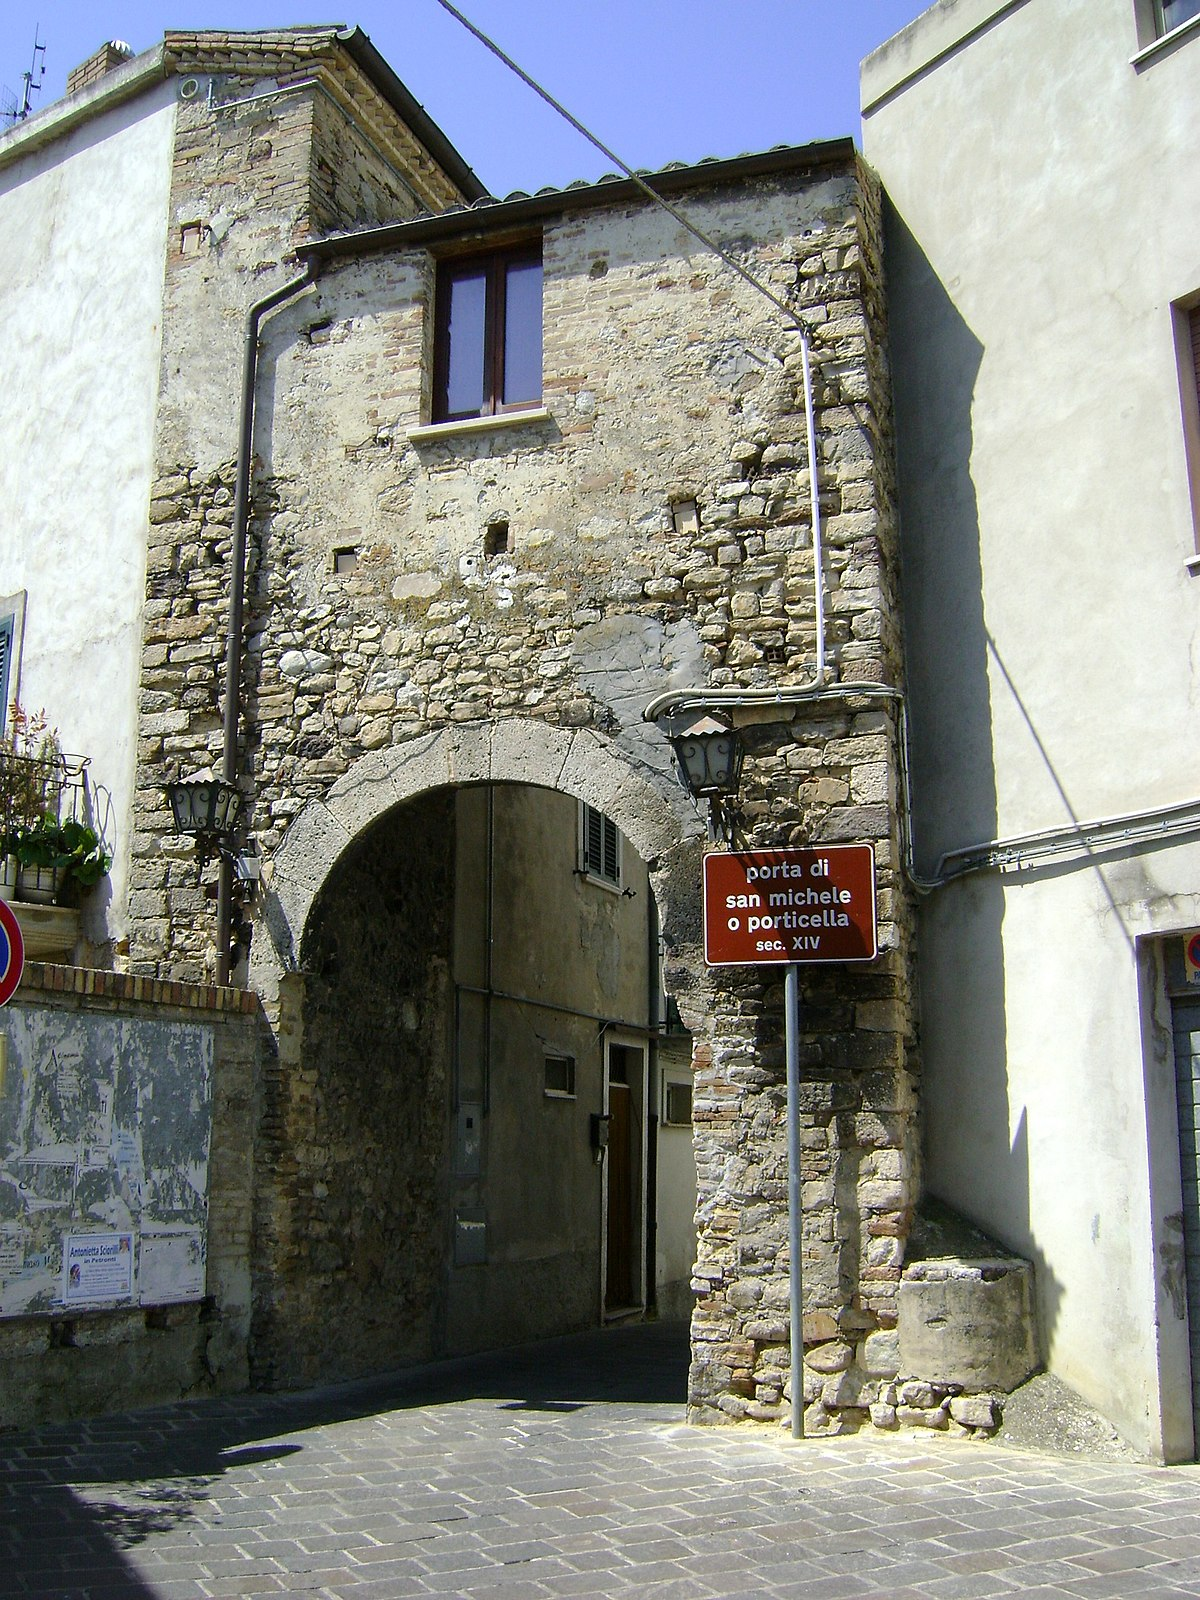 Porta di san michele atessa wikipedia - San michele a porta pia ...